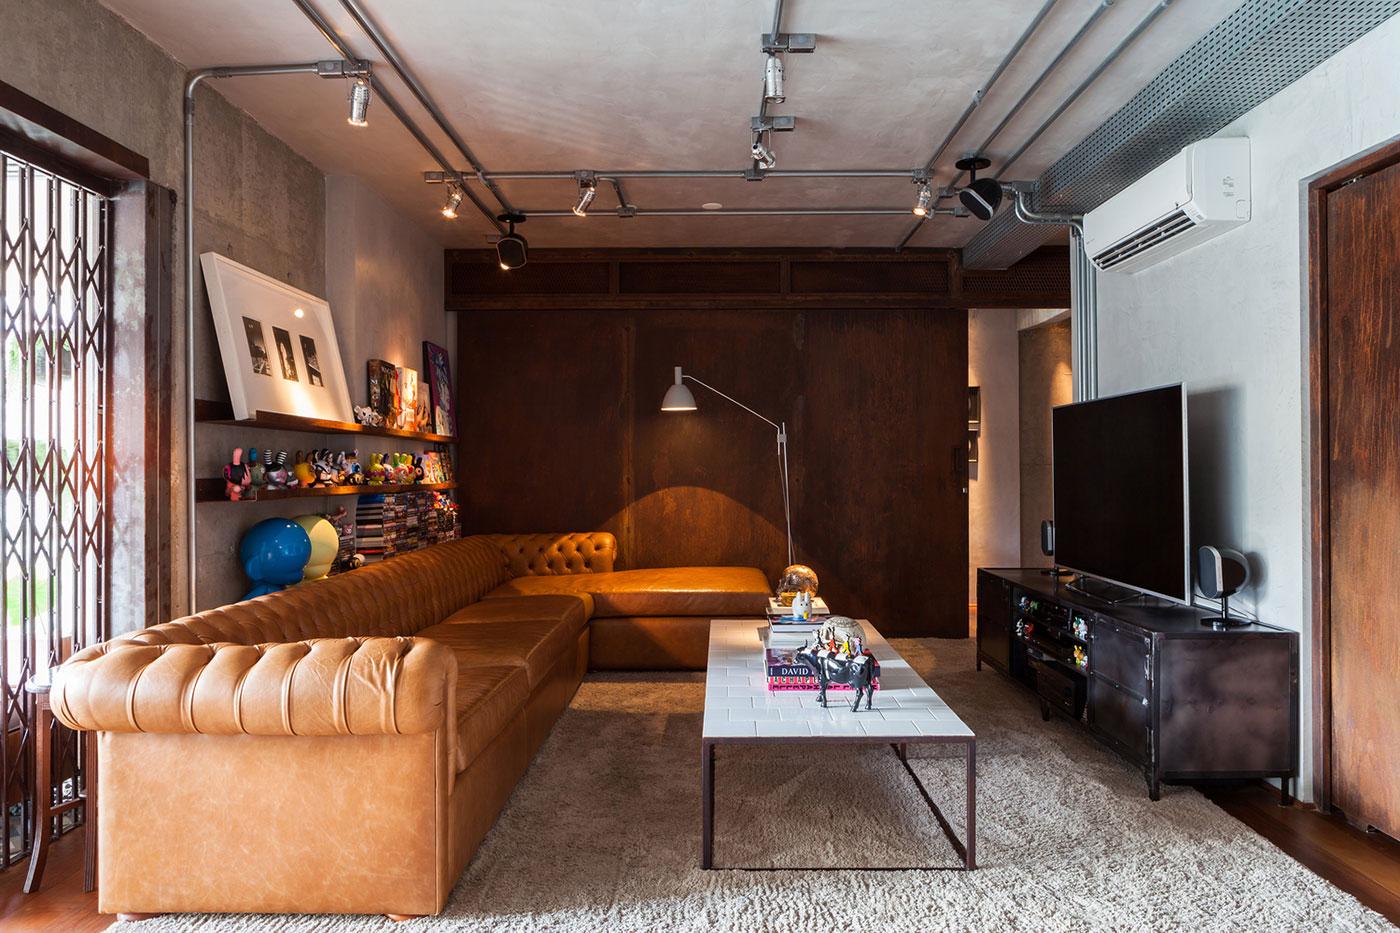 Sala De Tv Moderna 60 Modelos Projetos E Fotos Para Decorar -> Sala De Tv E Som